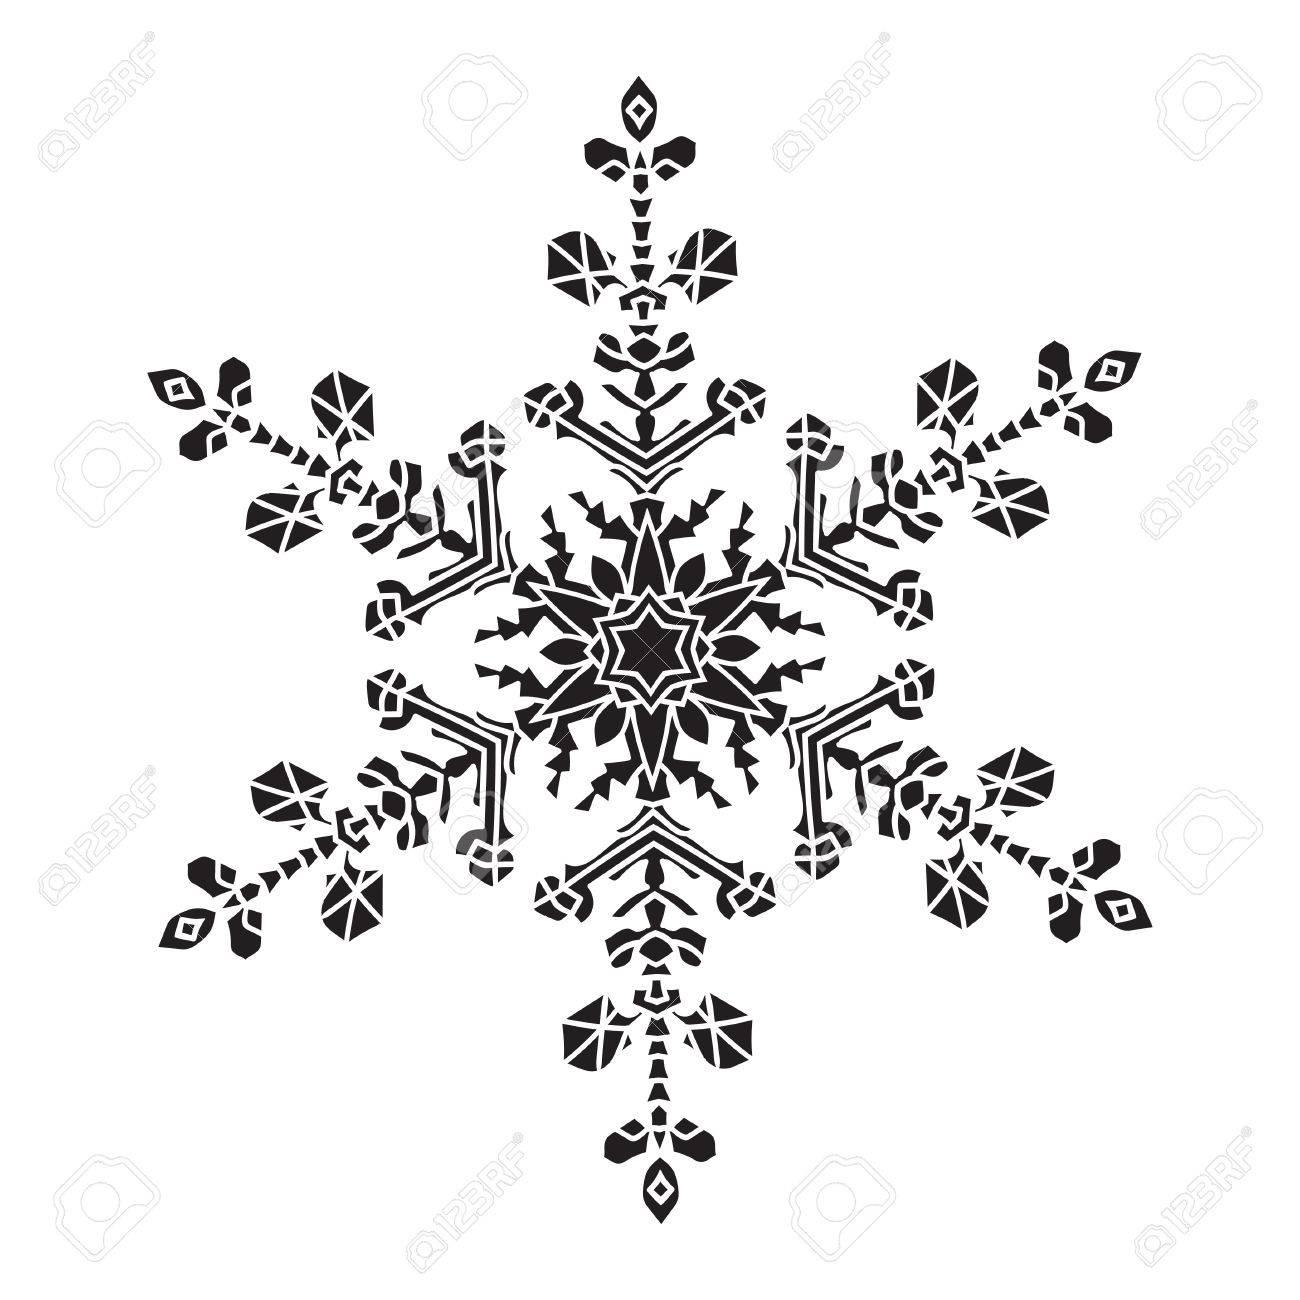 Dibujado A Mano Del Copo De Nieve Realista Silueta Negro Sobre